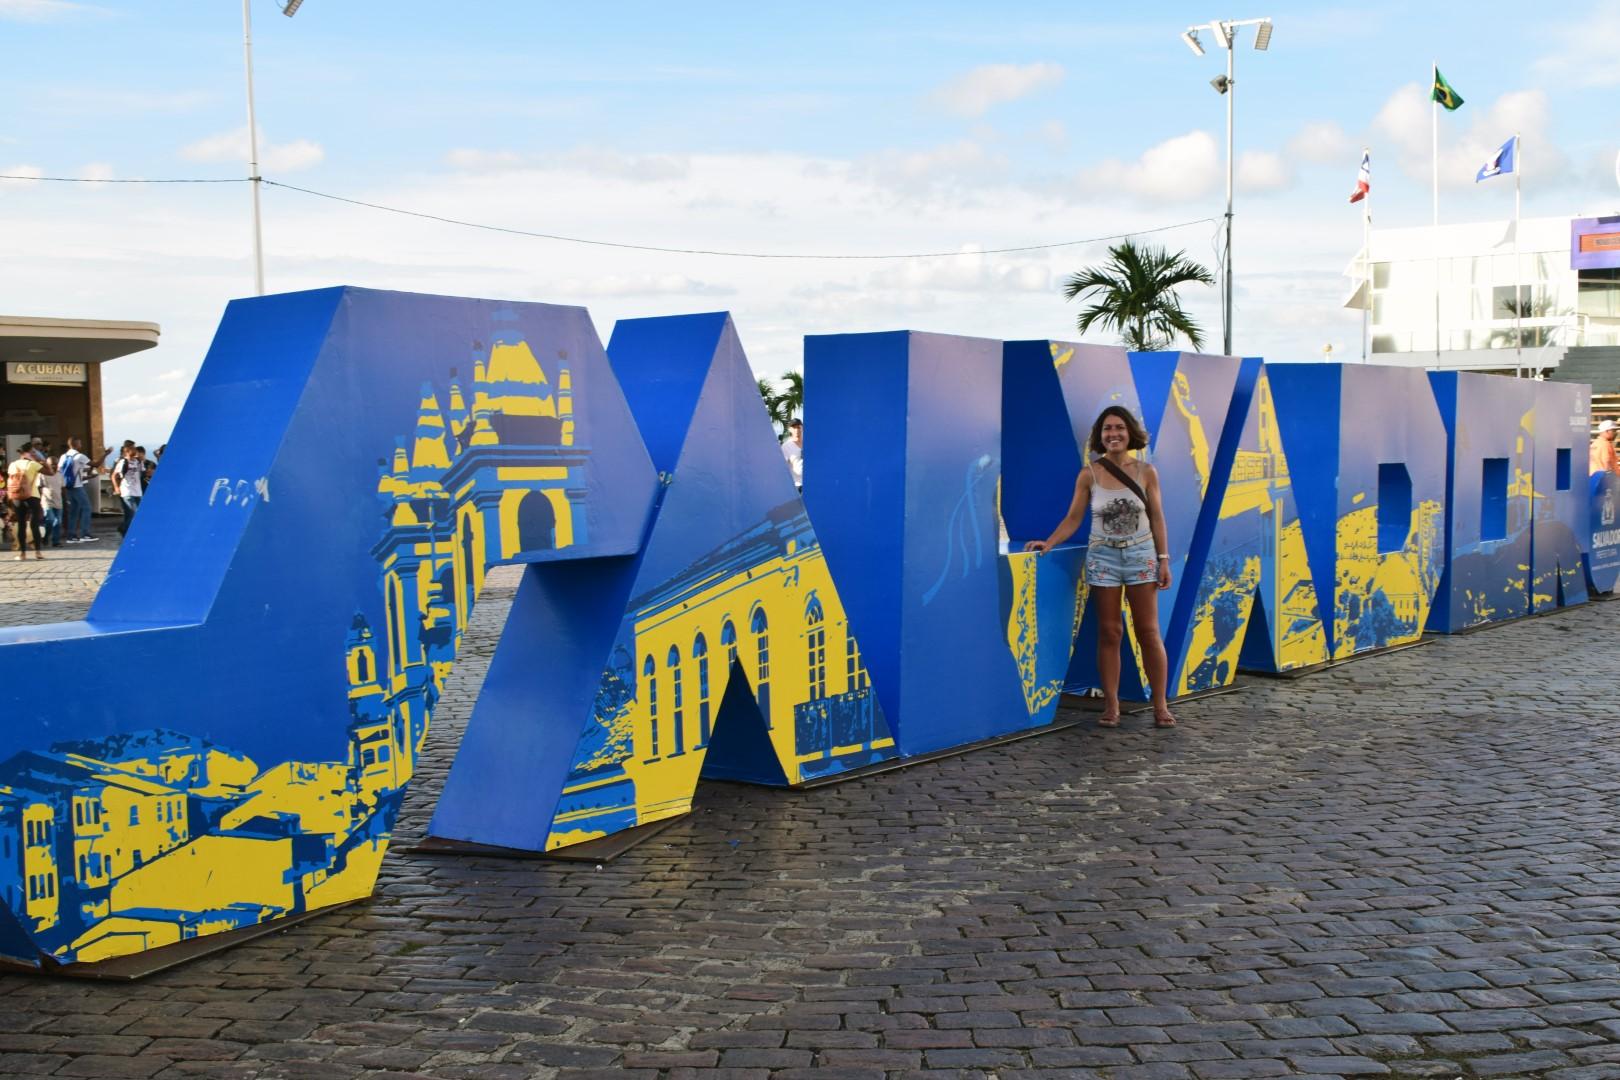 Praça Tomé de Souza, Centro, Salvador